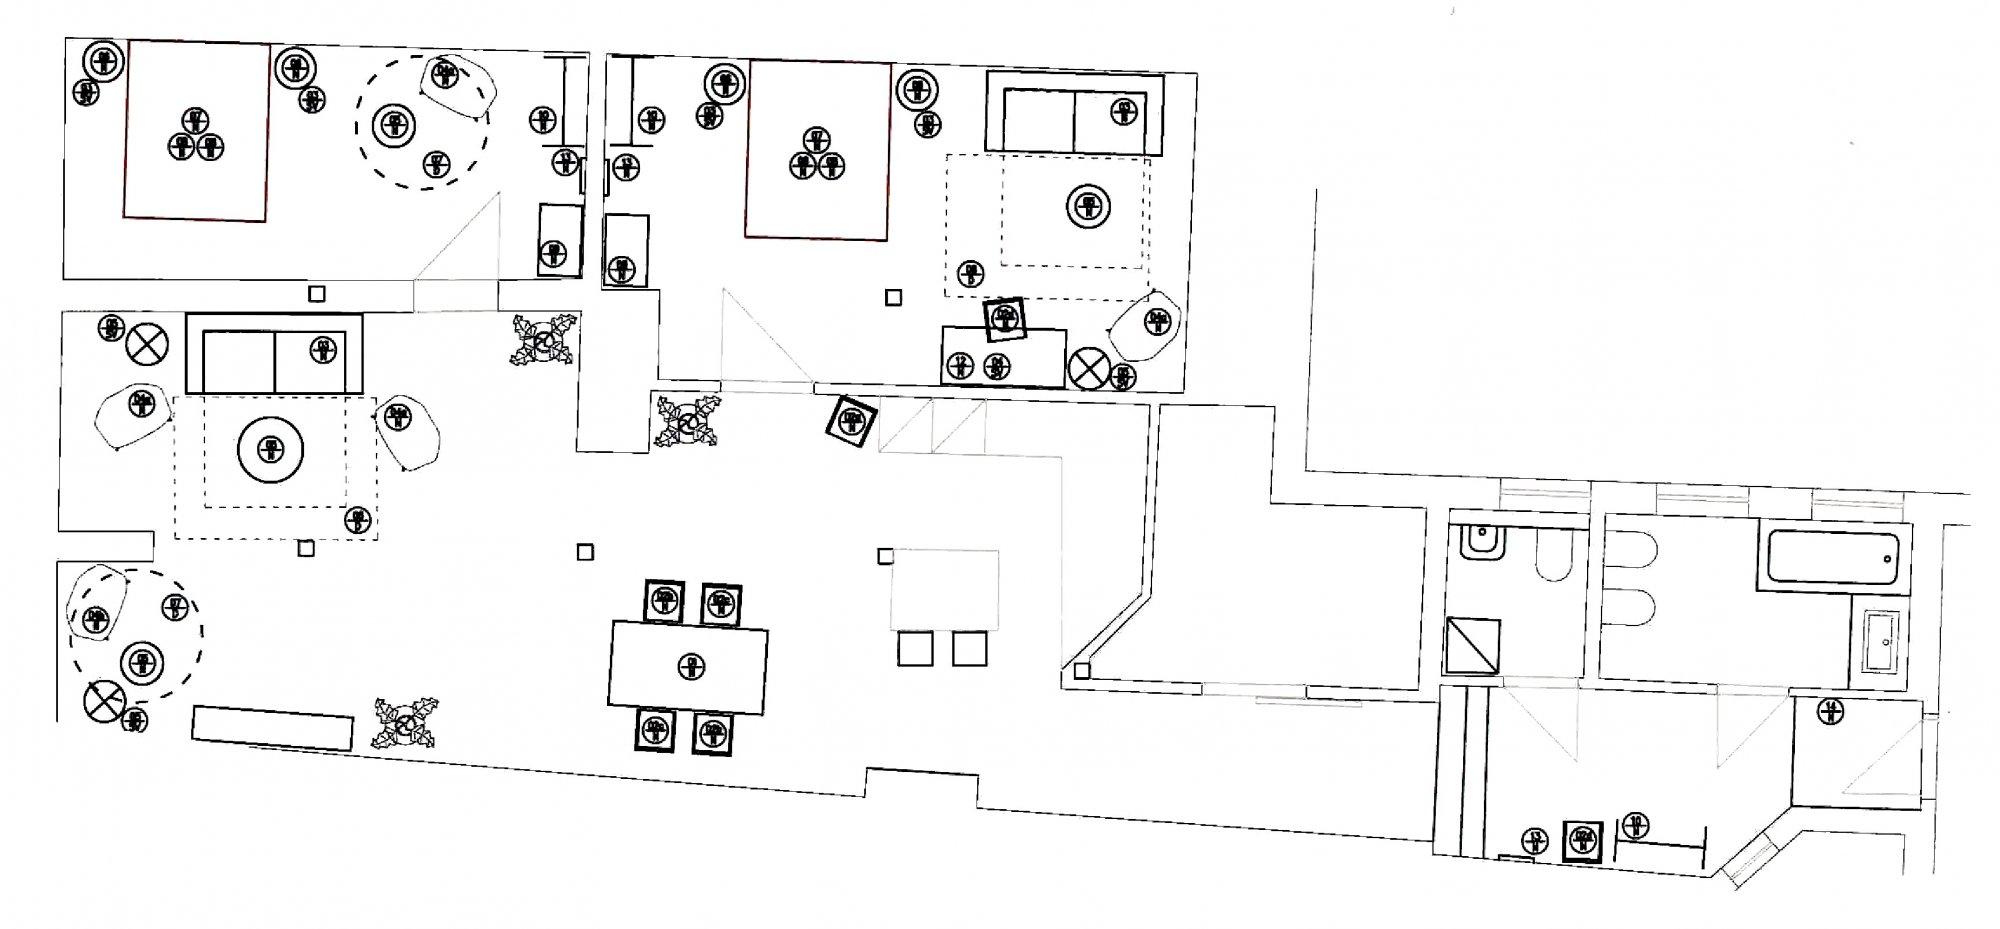 Půdorys - Půdní byt 3+kk, plocha 132 m², ulice Spálená, Praha 1 - Nové Město